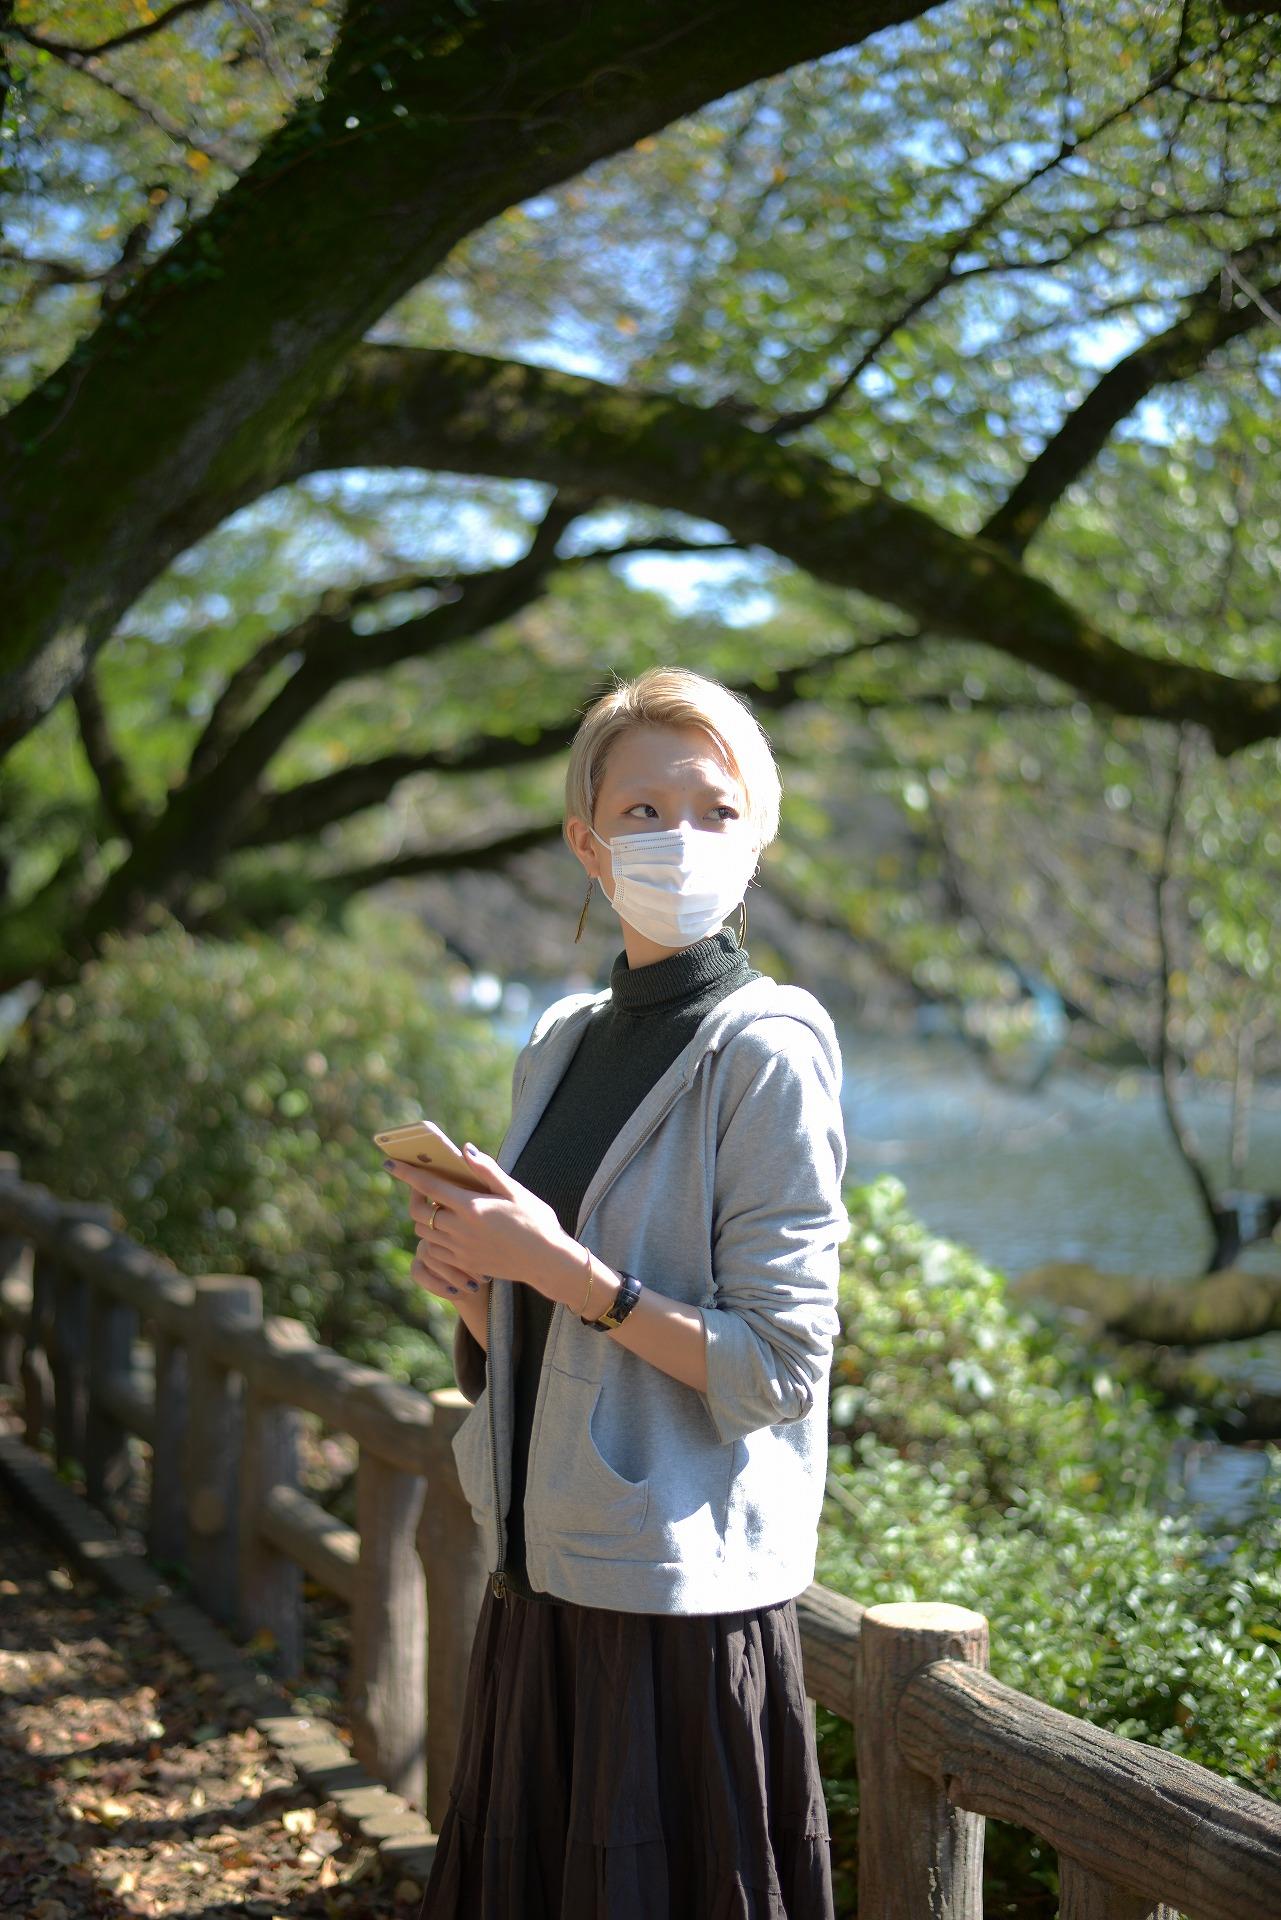 インフルエンザになったので、ひとり公園で隔離中